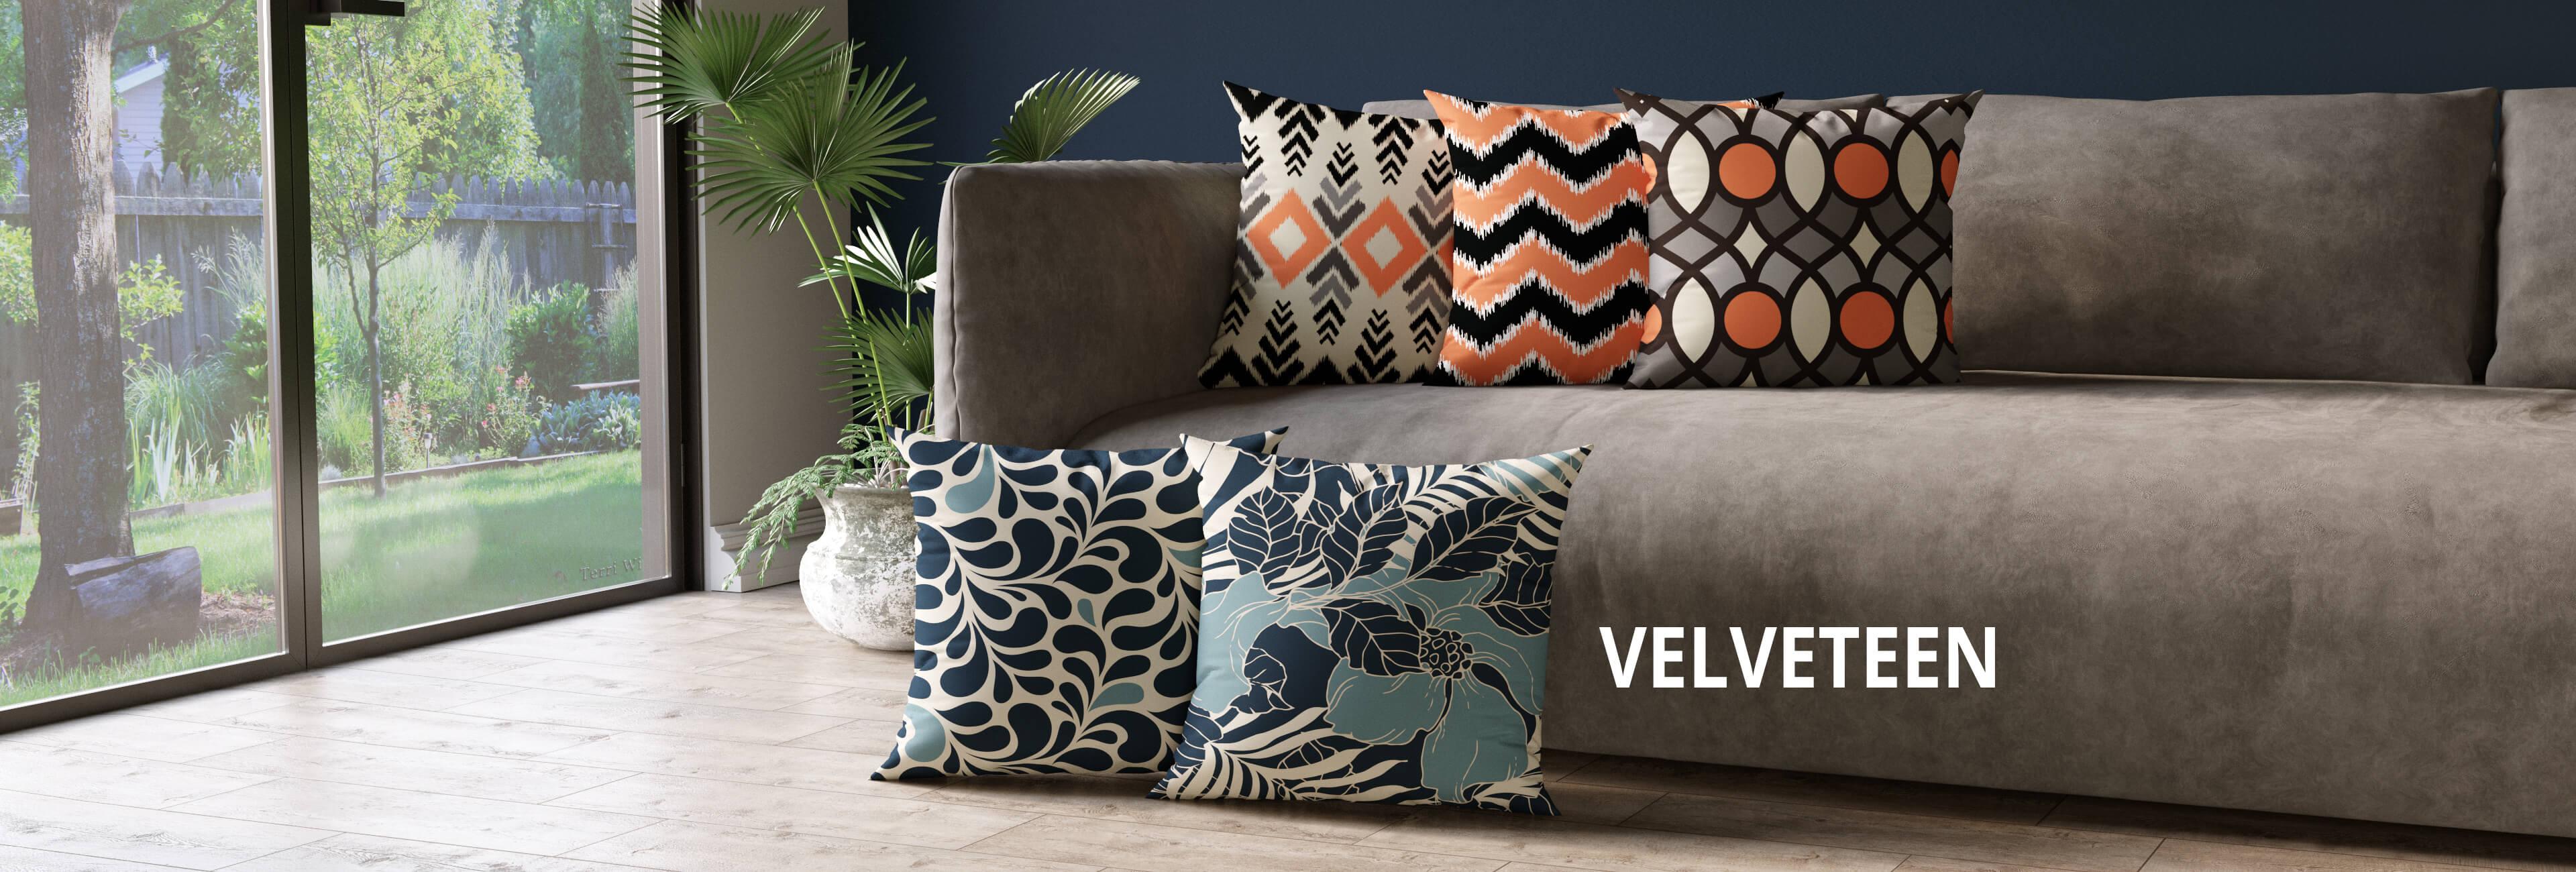 HOME - Velveteen